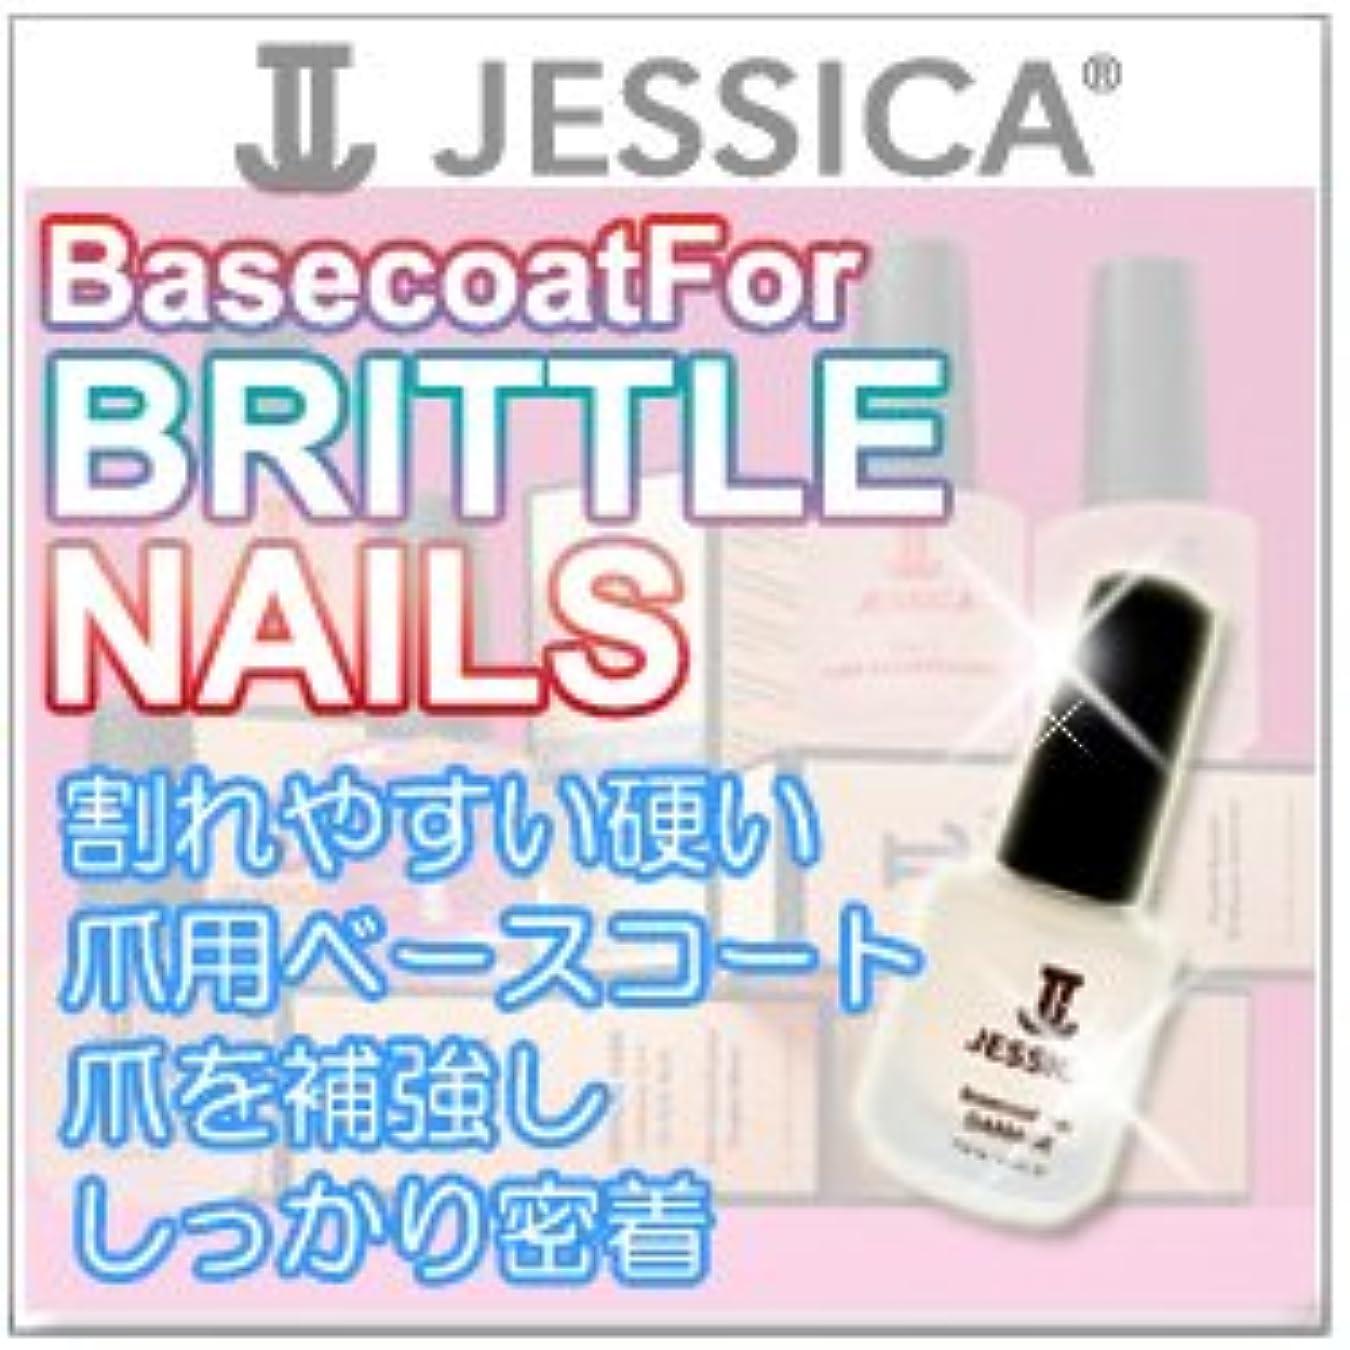 意識浴織機ジェシカ ベースコートブリトル 割れやすい硬く柔軟性のない爪 (ブリトルネイル) 用